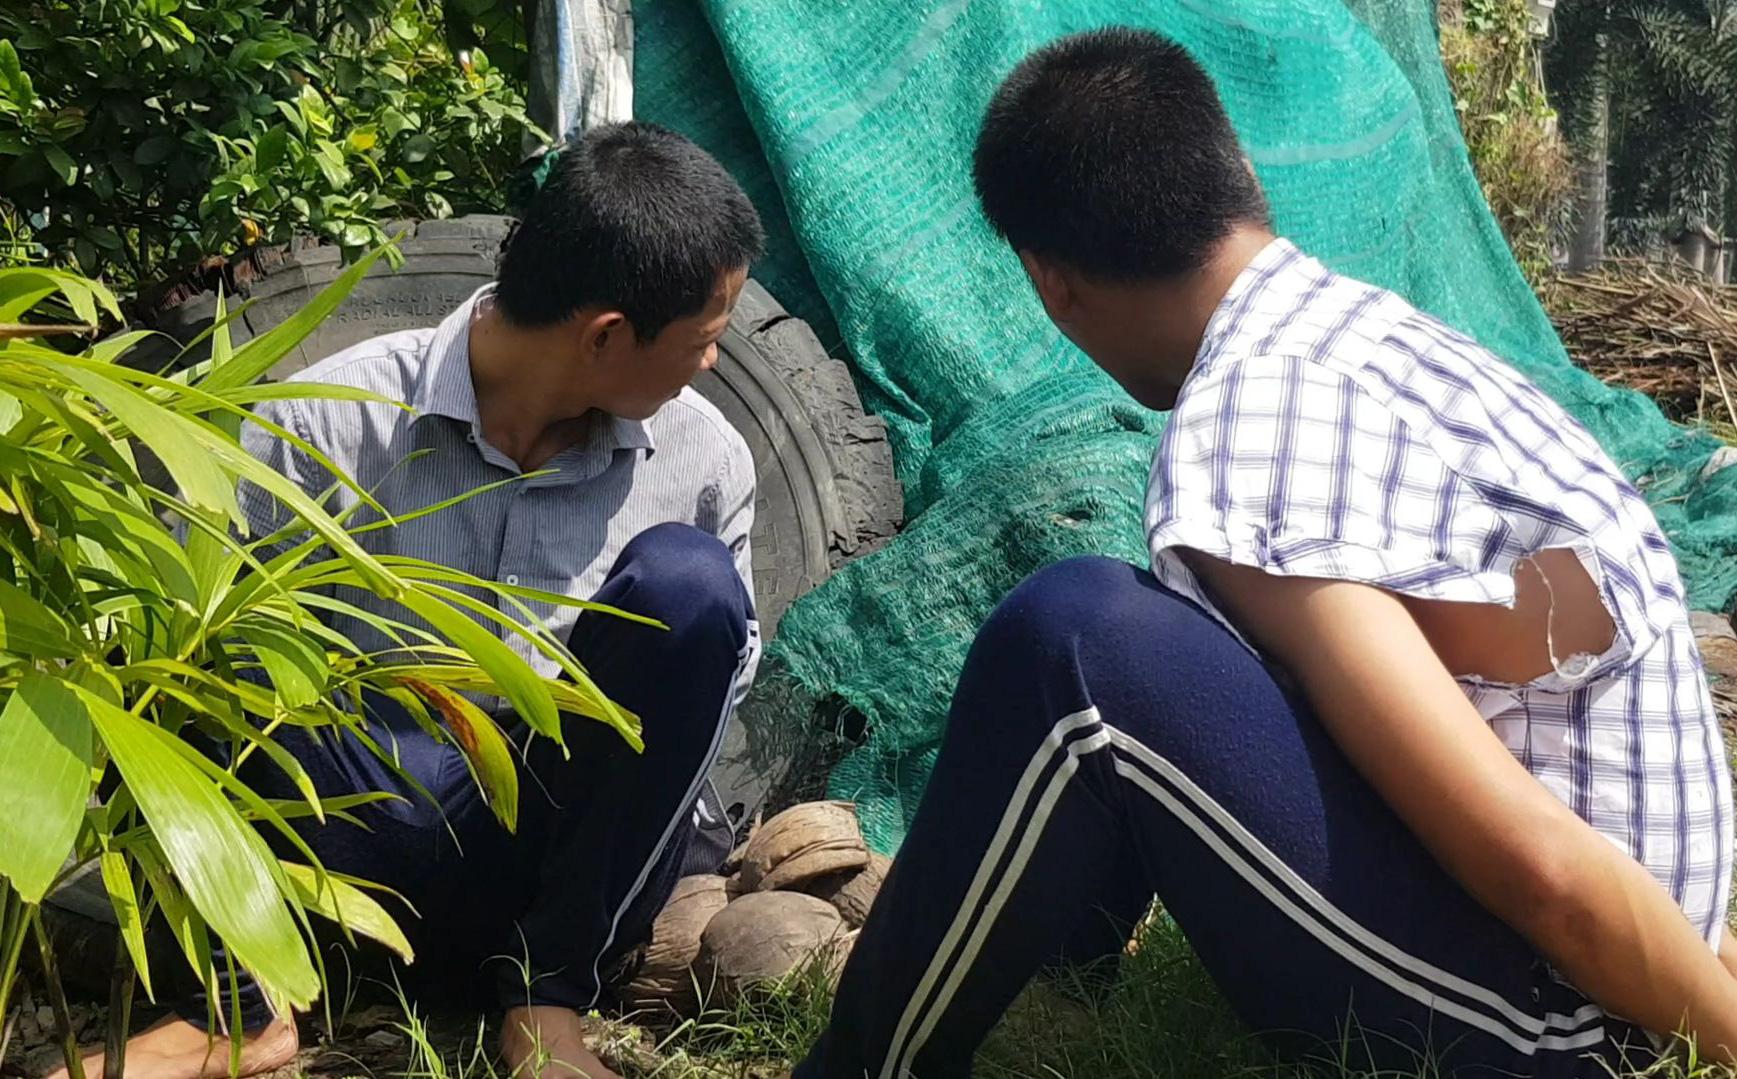 Hàng trăm học viên Cơ sở Cai nghiện ma túy tỉnh Tiền Giang hỗn chiến: 12 người bị thương